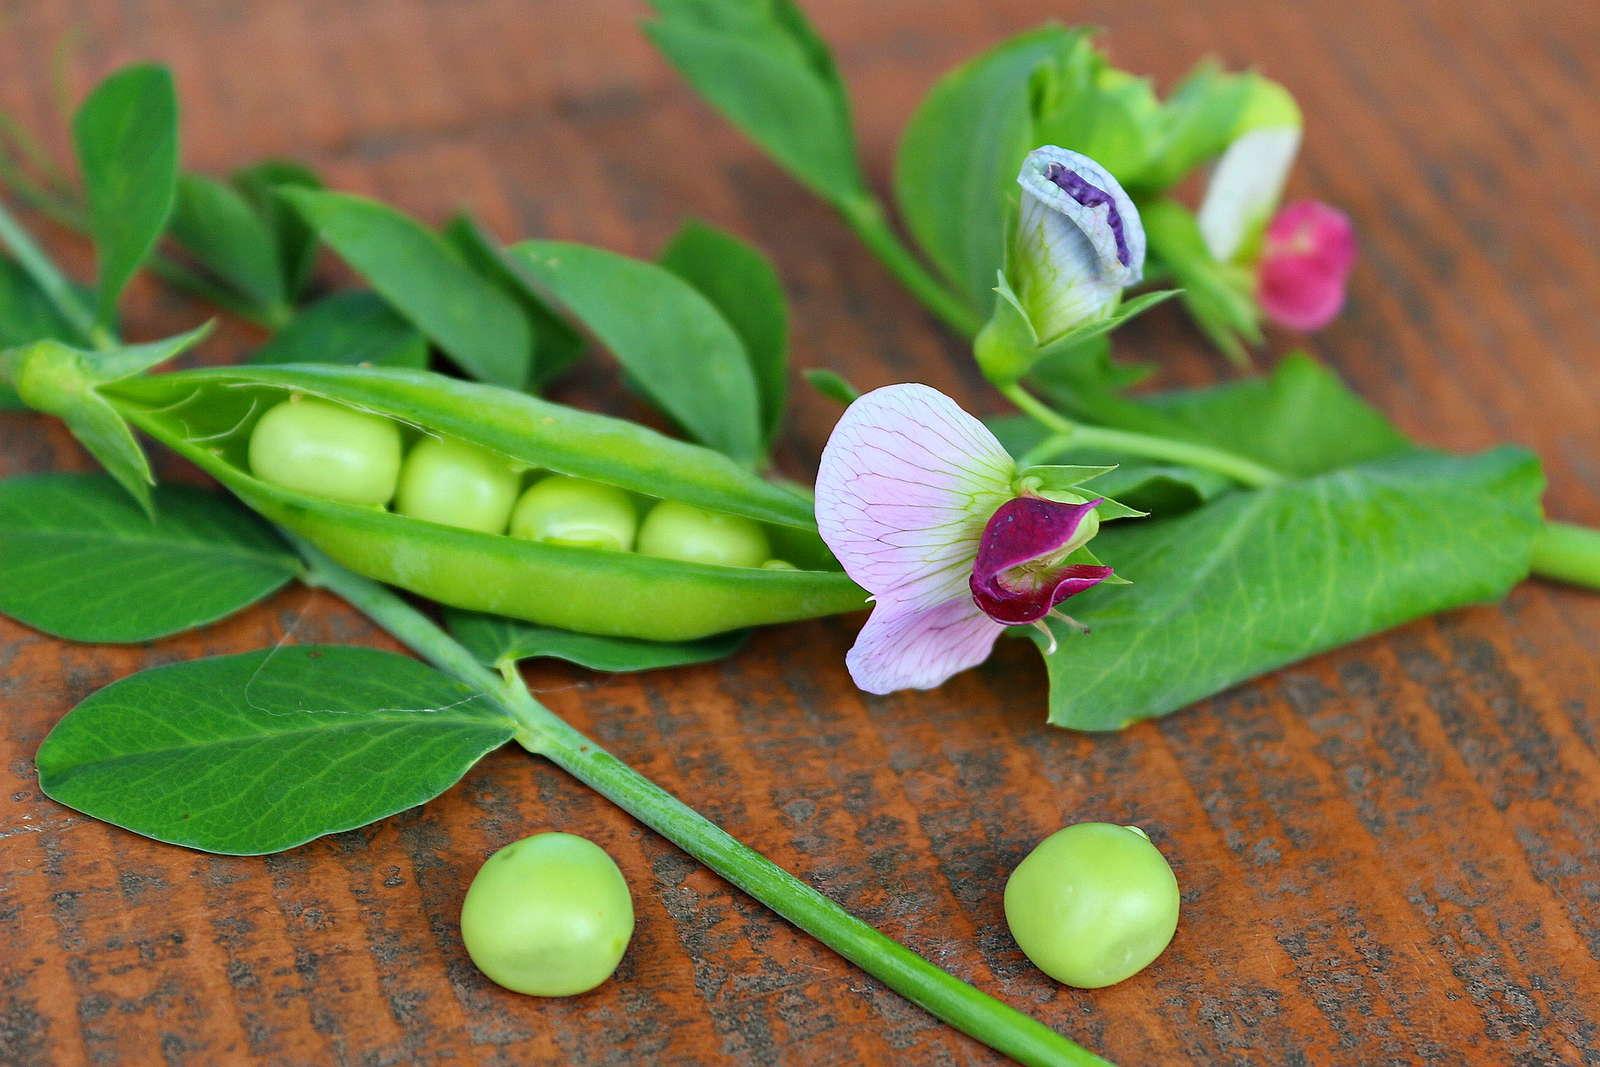 ⑦エンドウ豆の生育を楽しむ